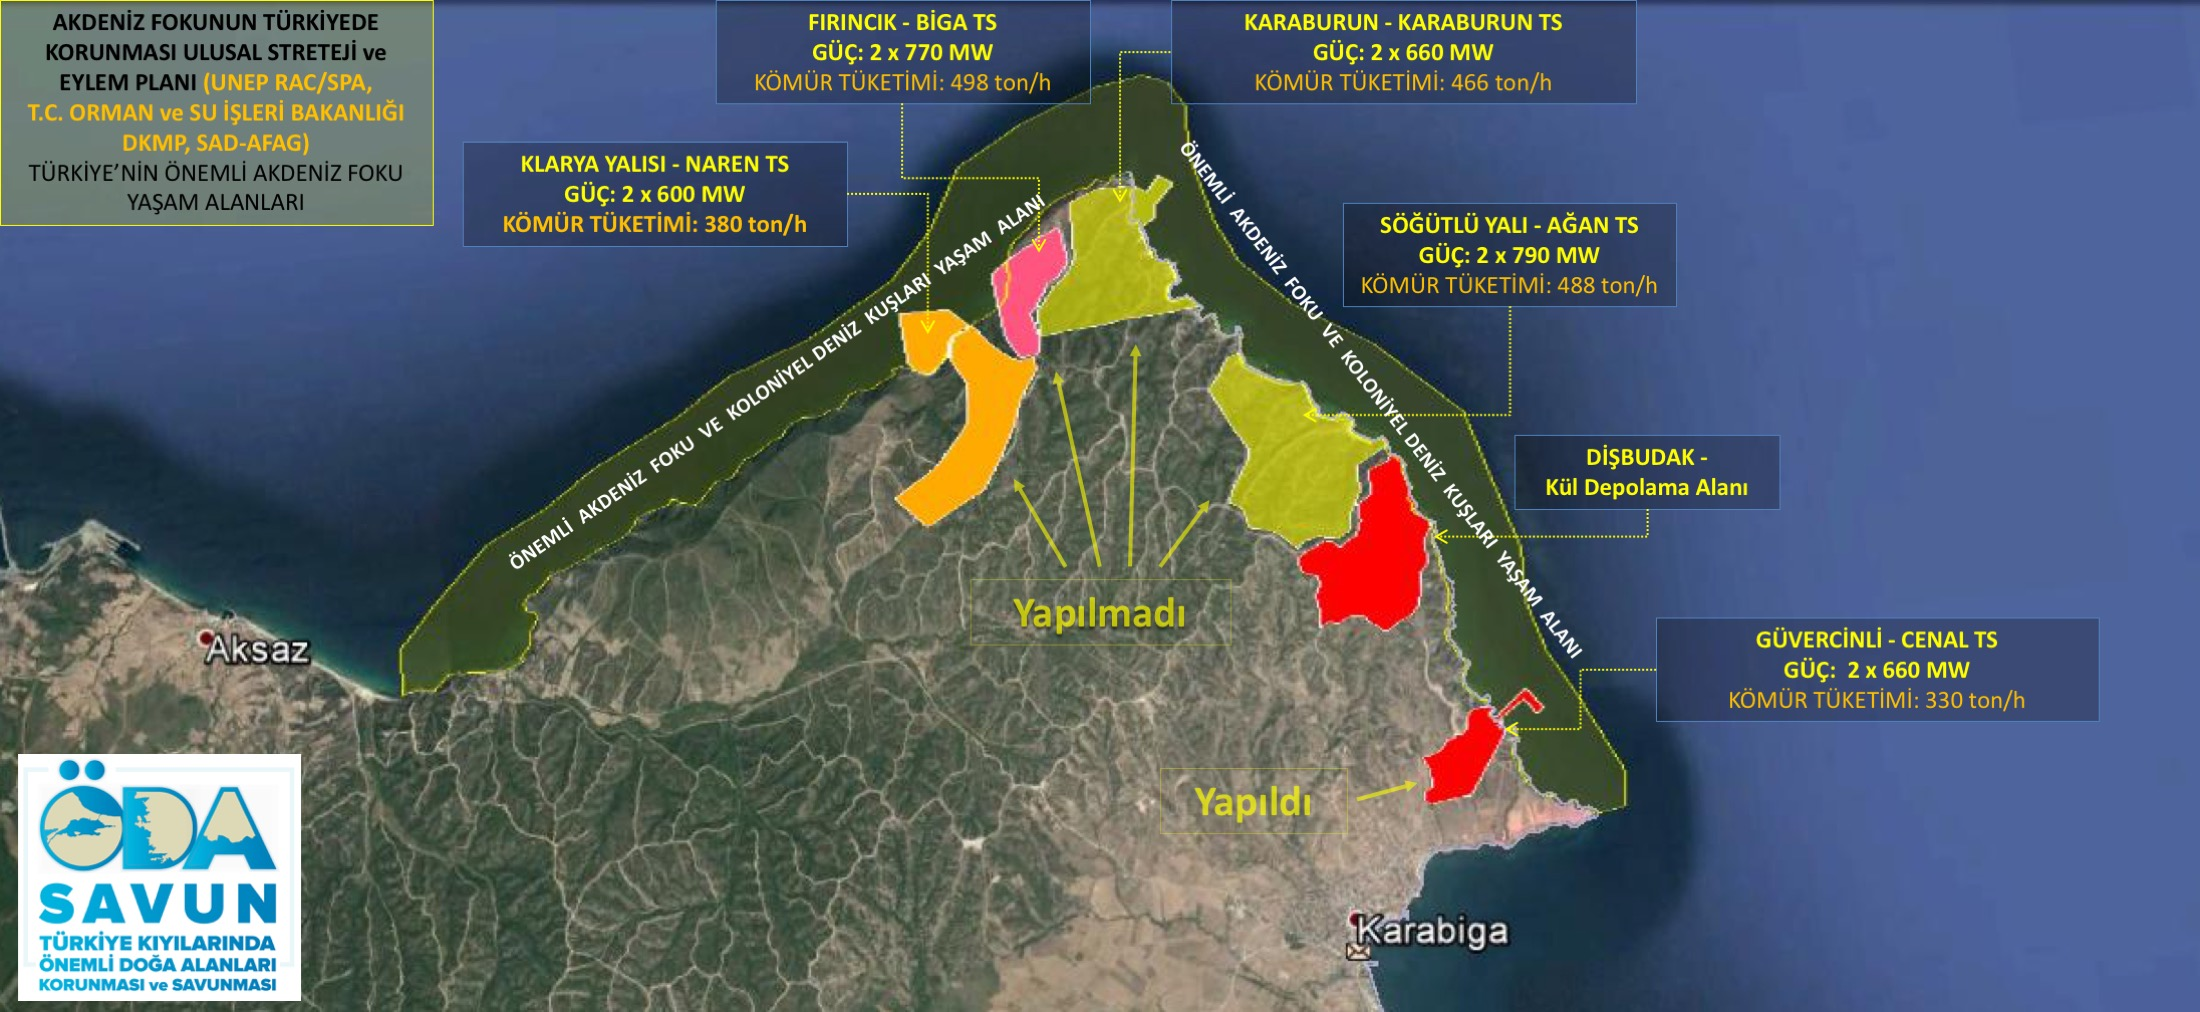 map-karabiga-ts-ve-fok-yasam-alani-harita